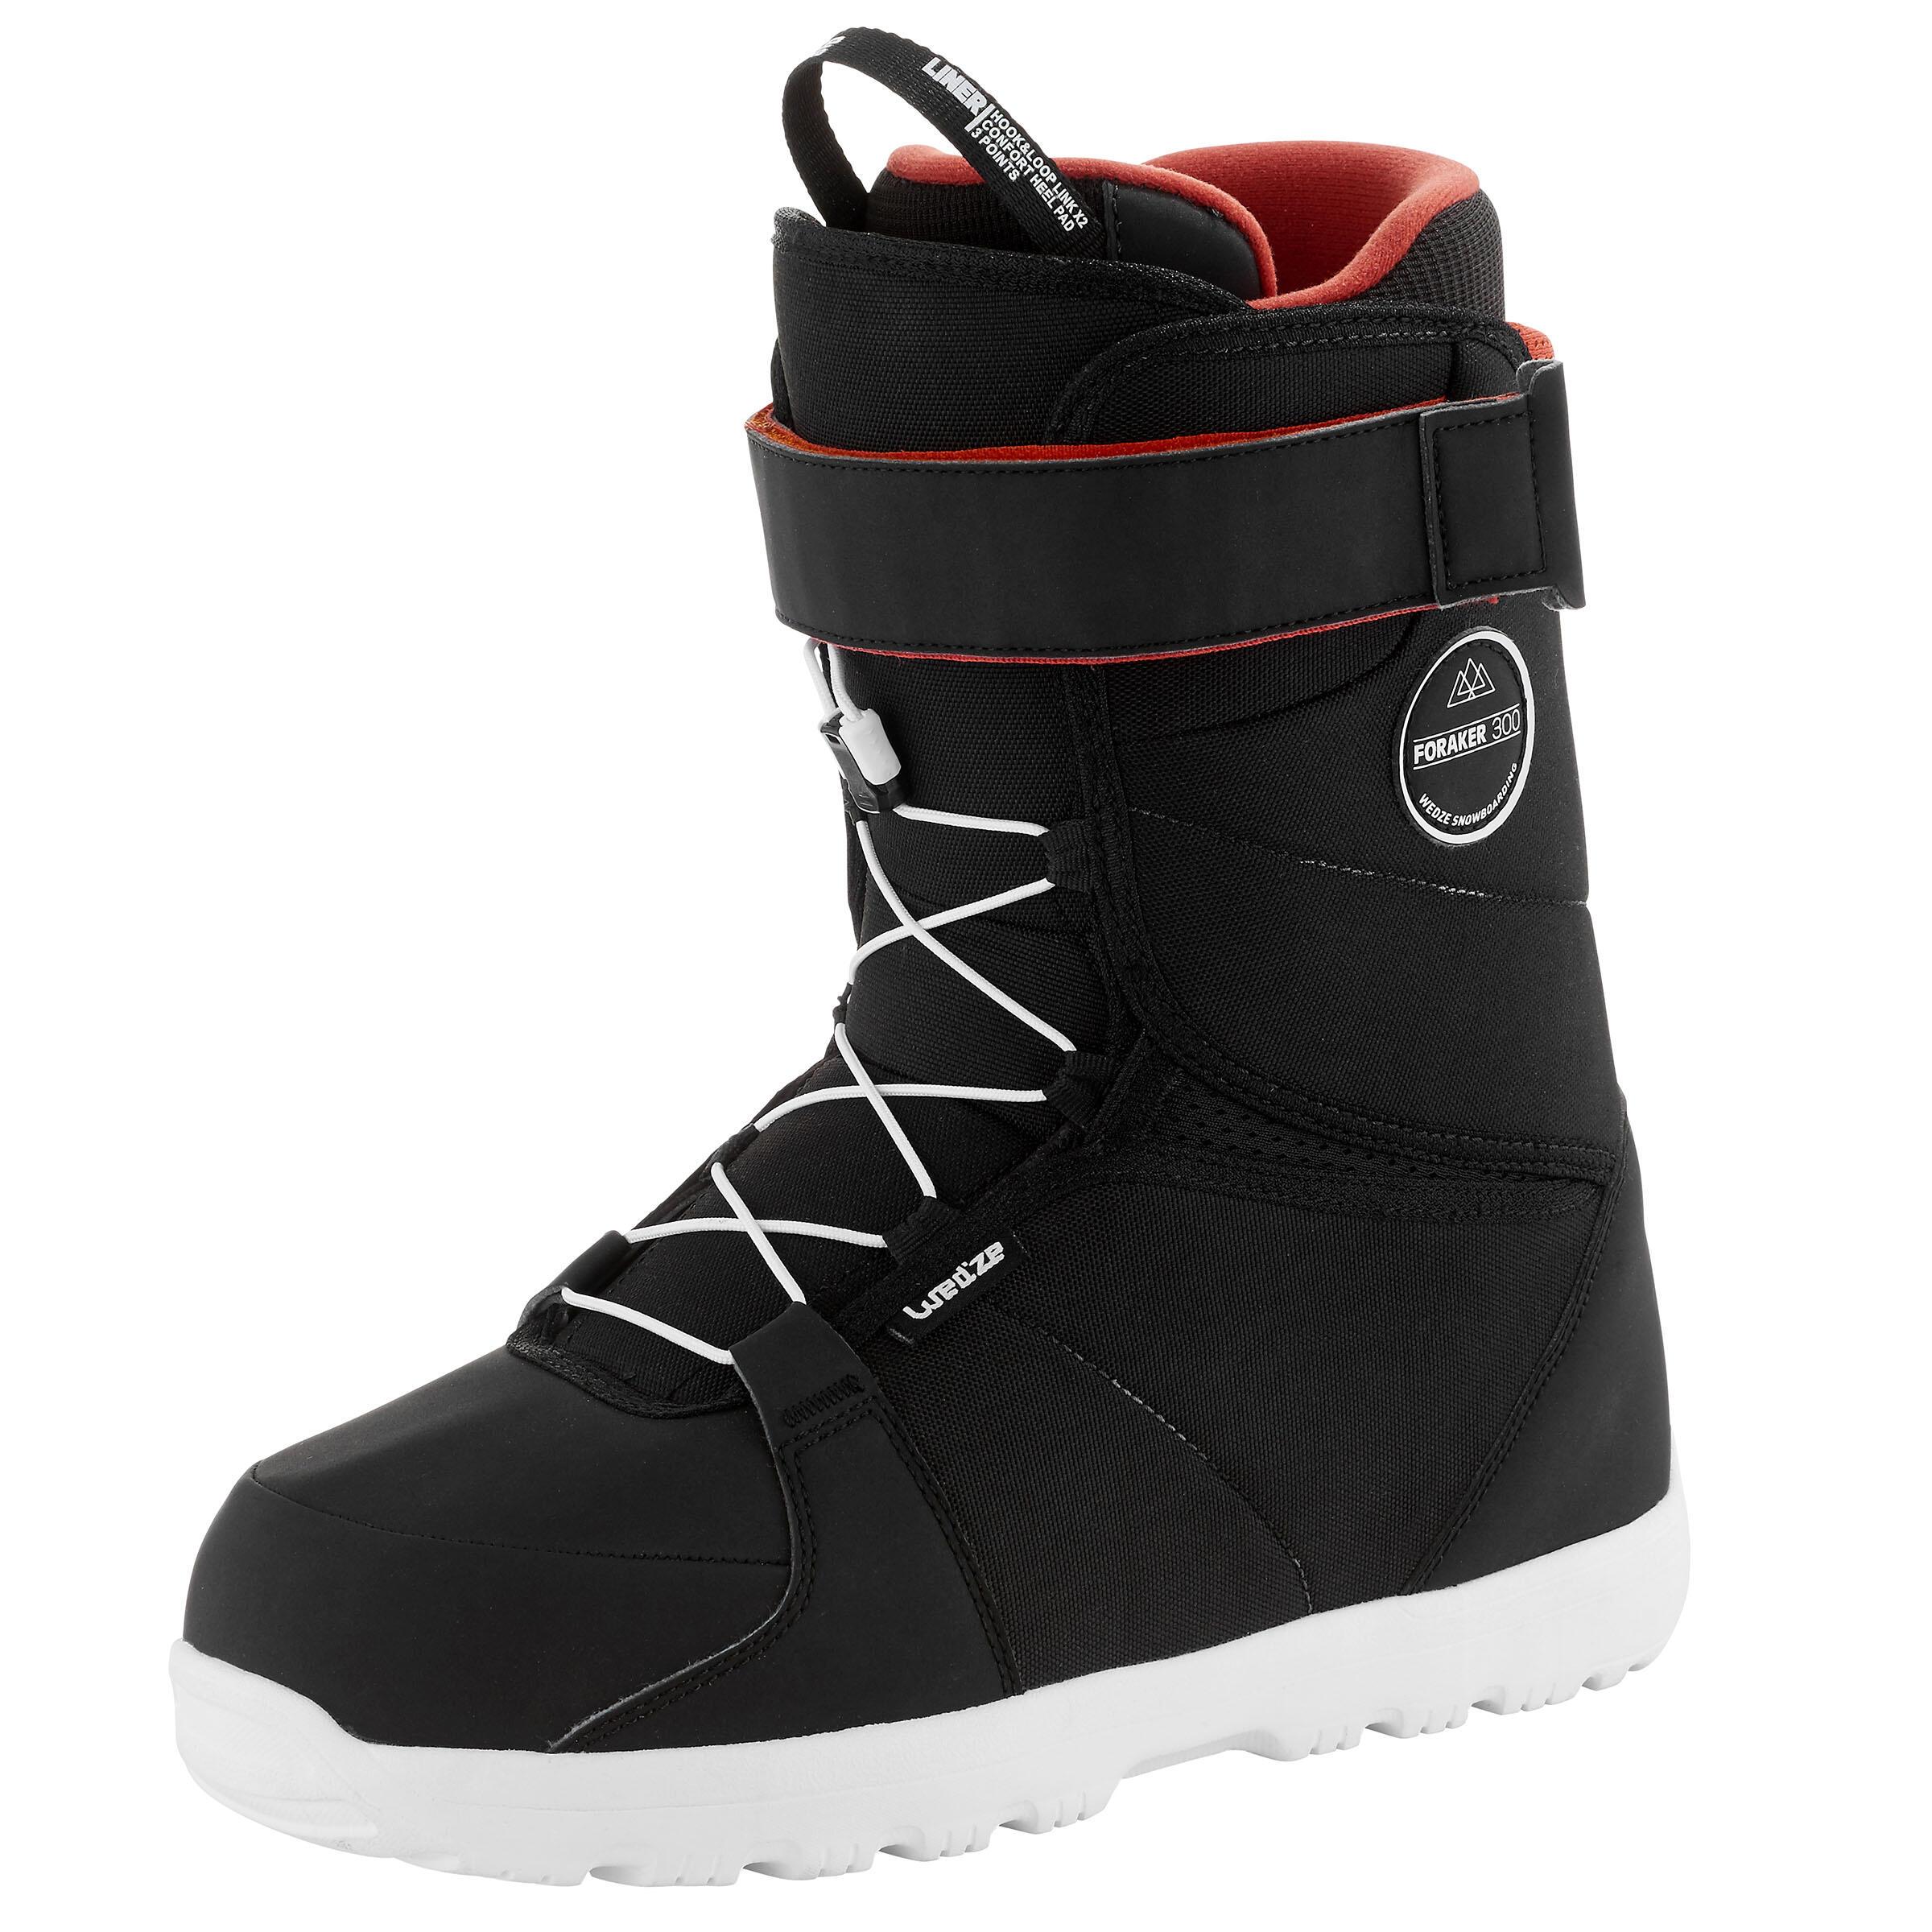 Herren Snowboardschuhe Foraker 300 Fast Lock 2Z All Mountain Herren schwarz | 03608449879903